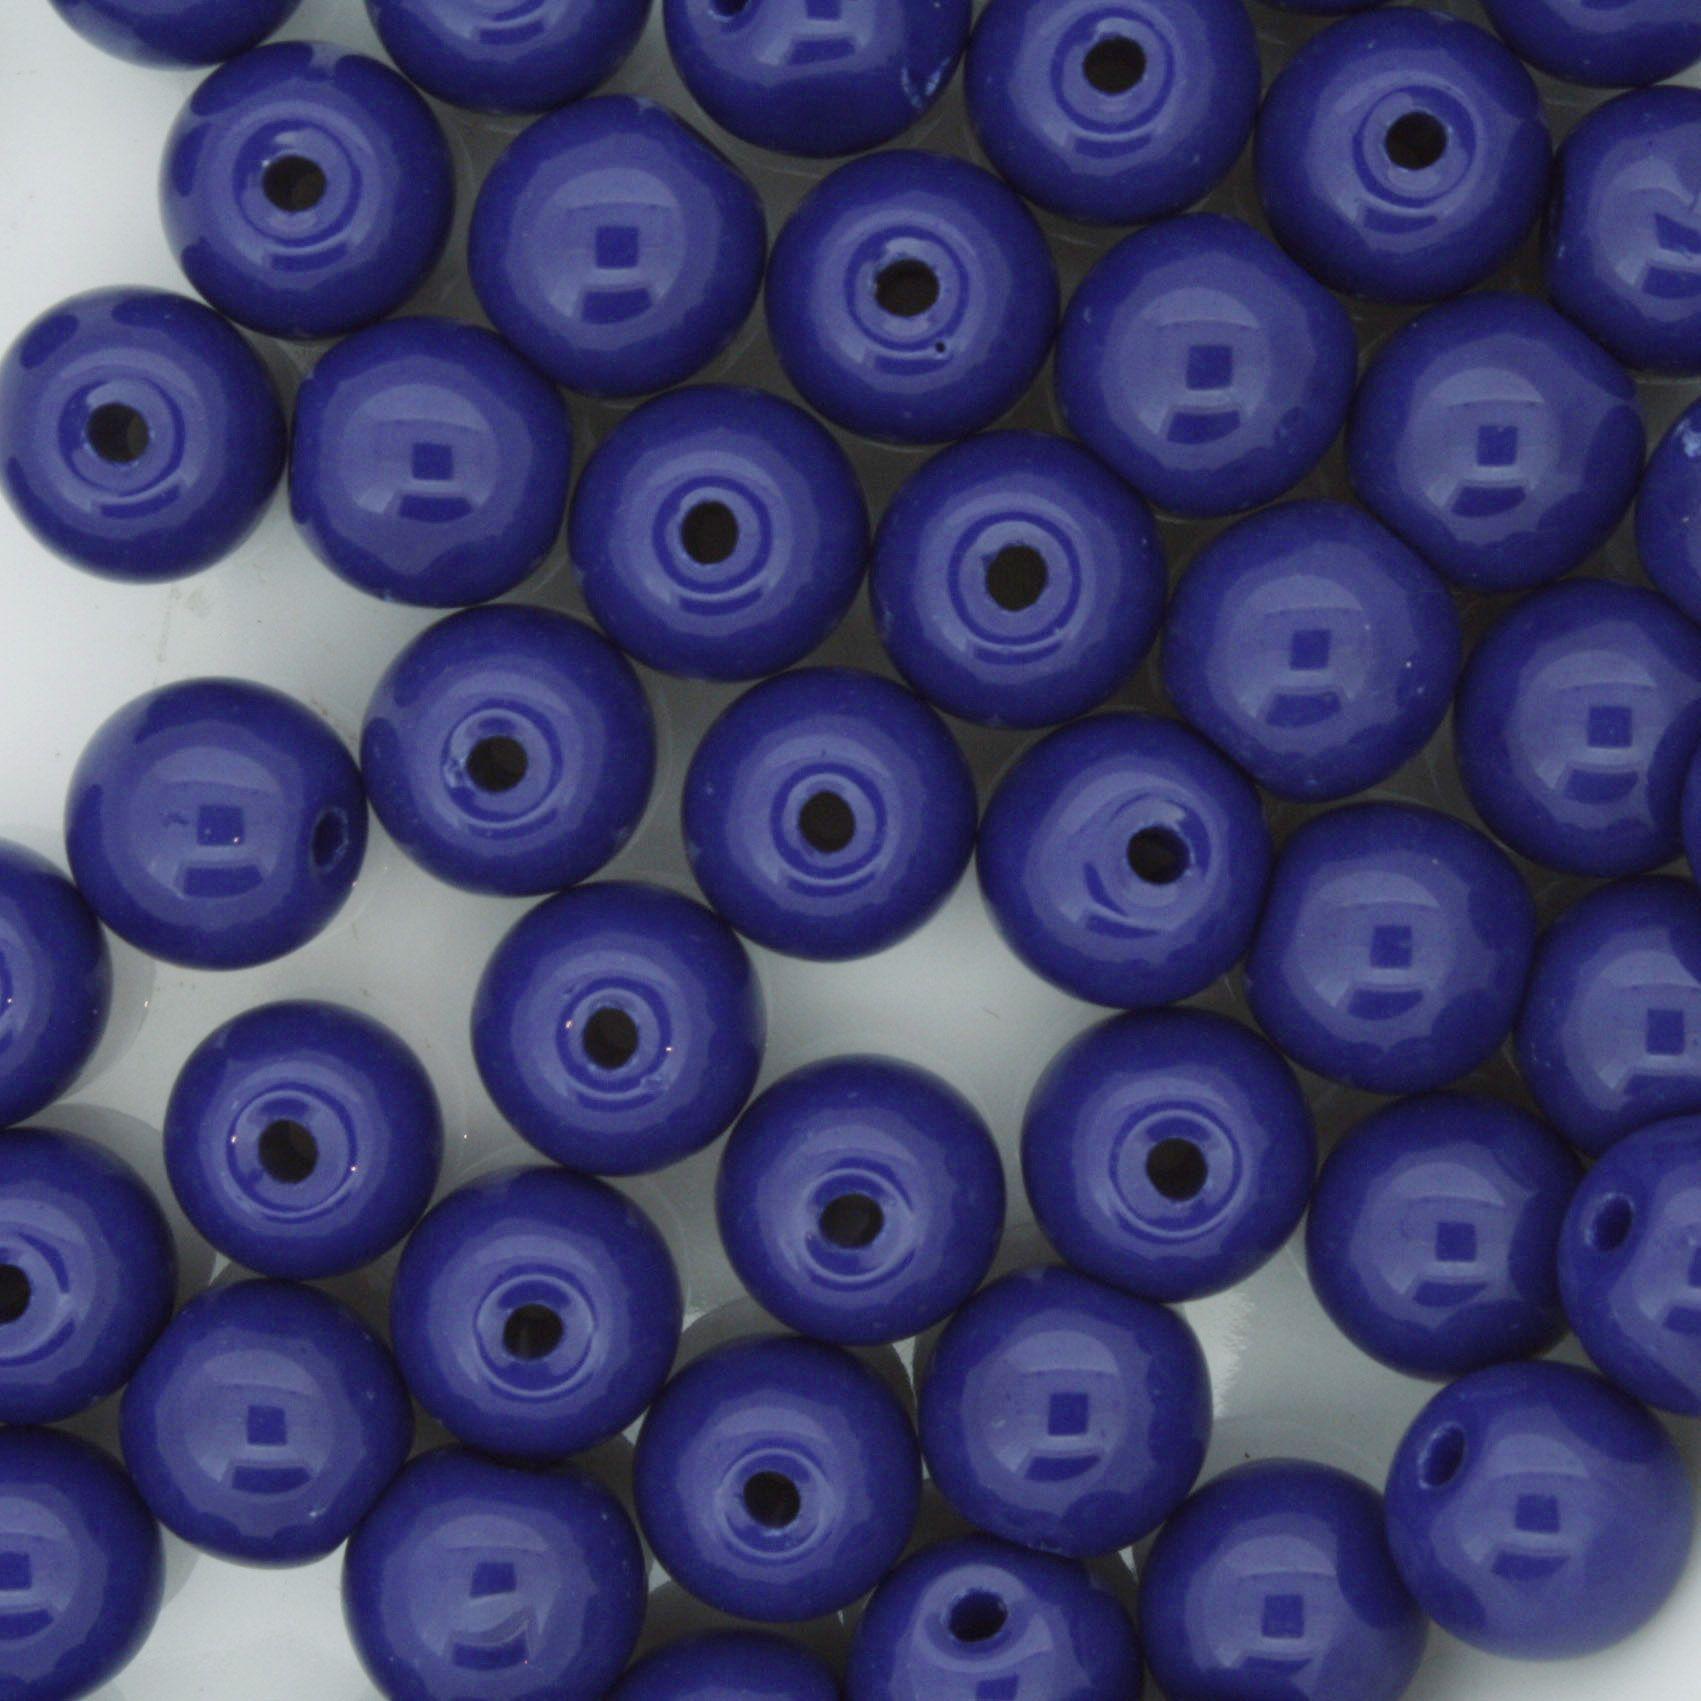 Contas de Porcellana® - Azul Royal - 8mm  - Universo Religioso® - Artigos de Umbanda e Candomblé